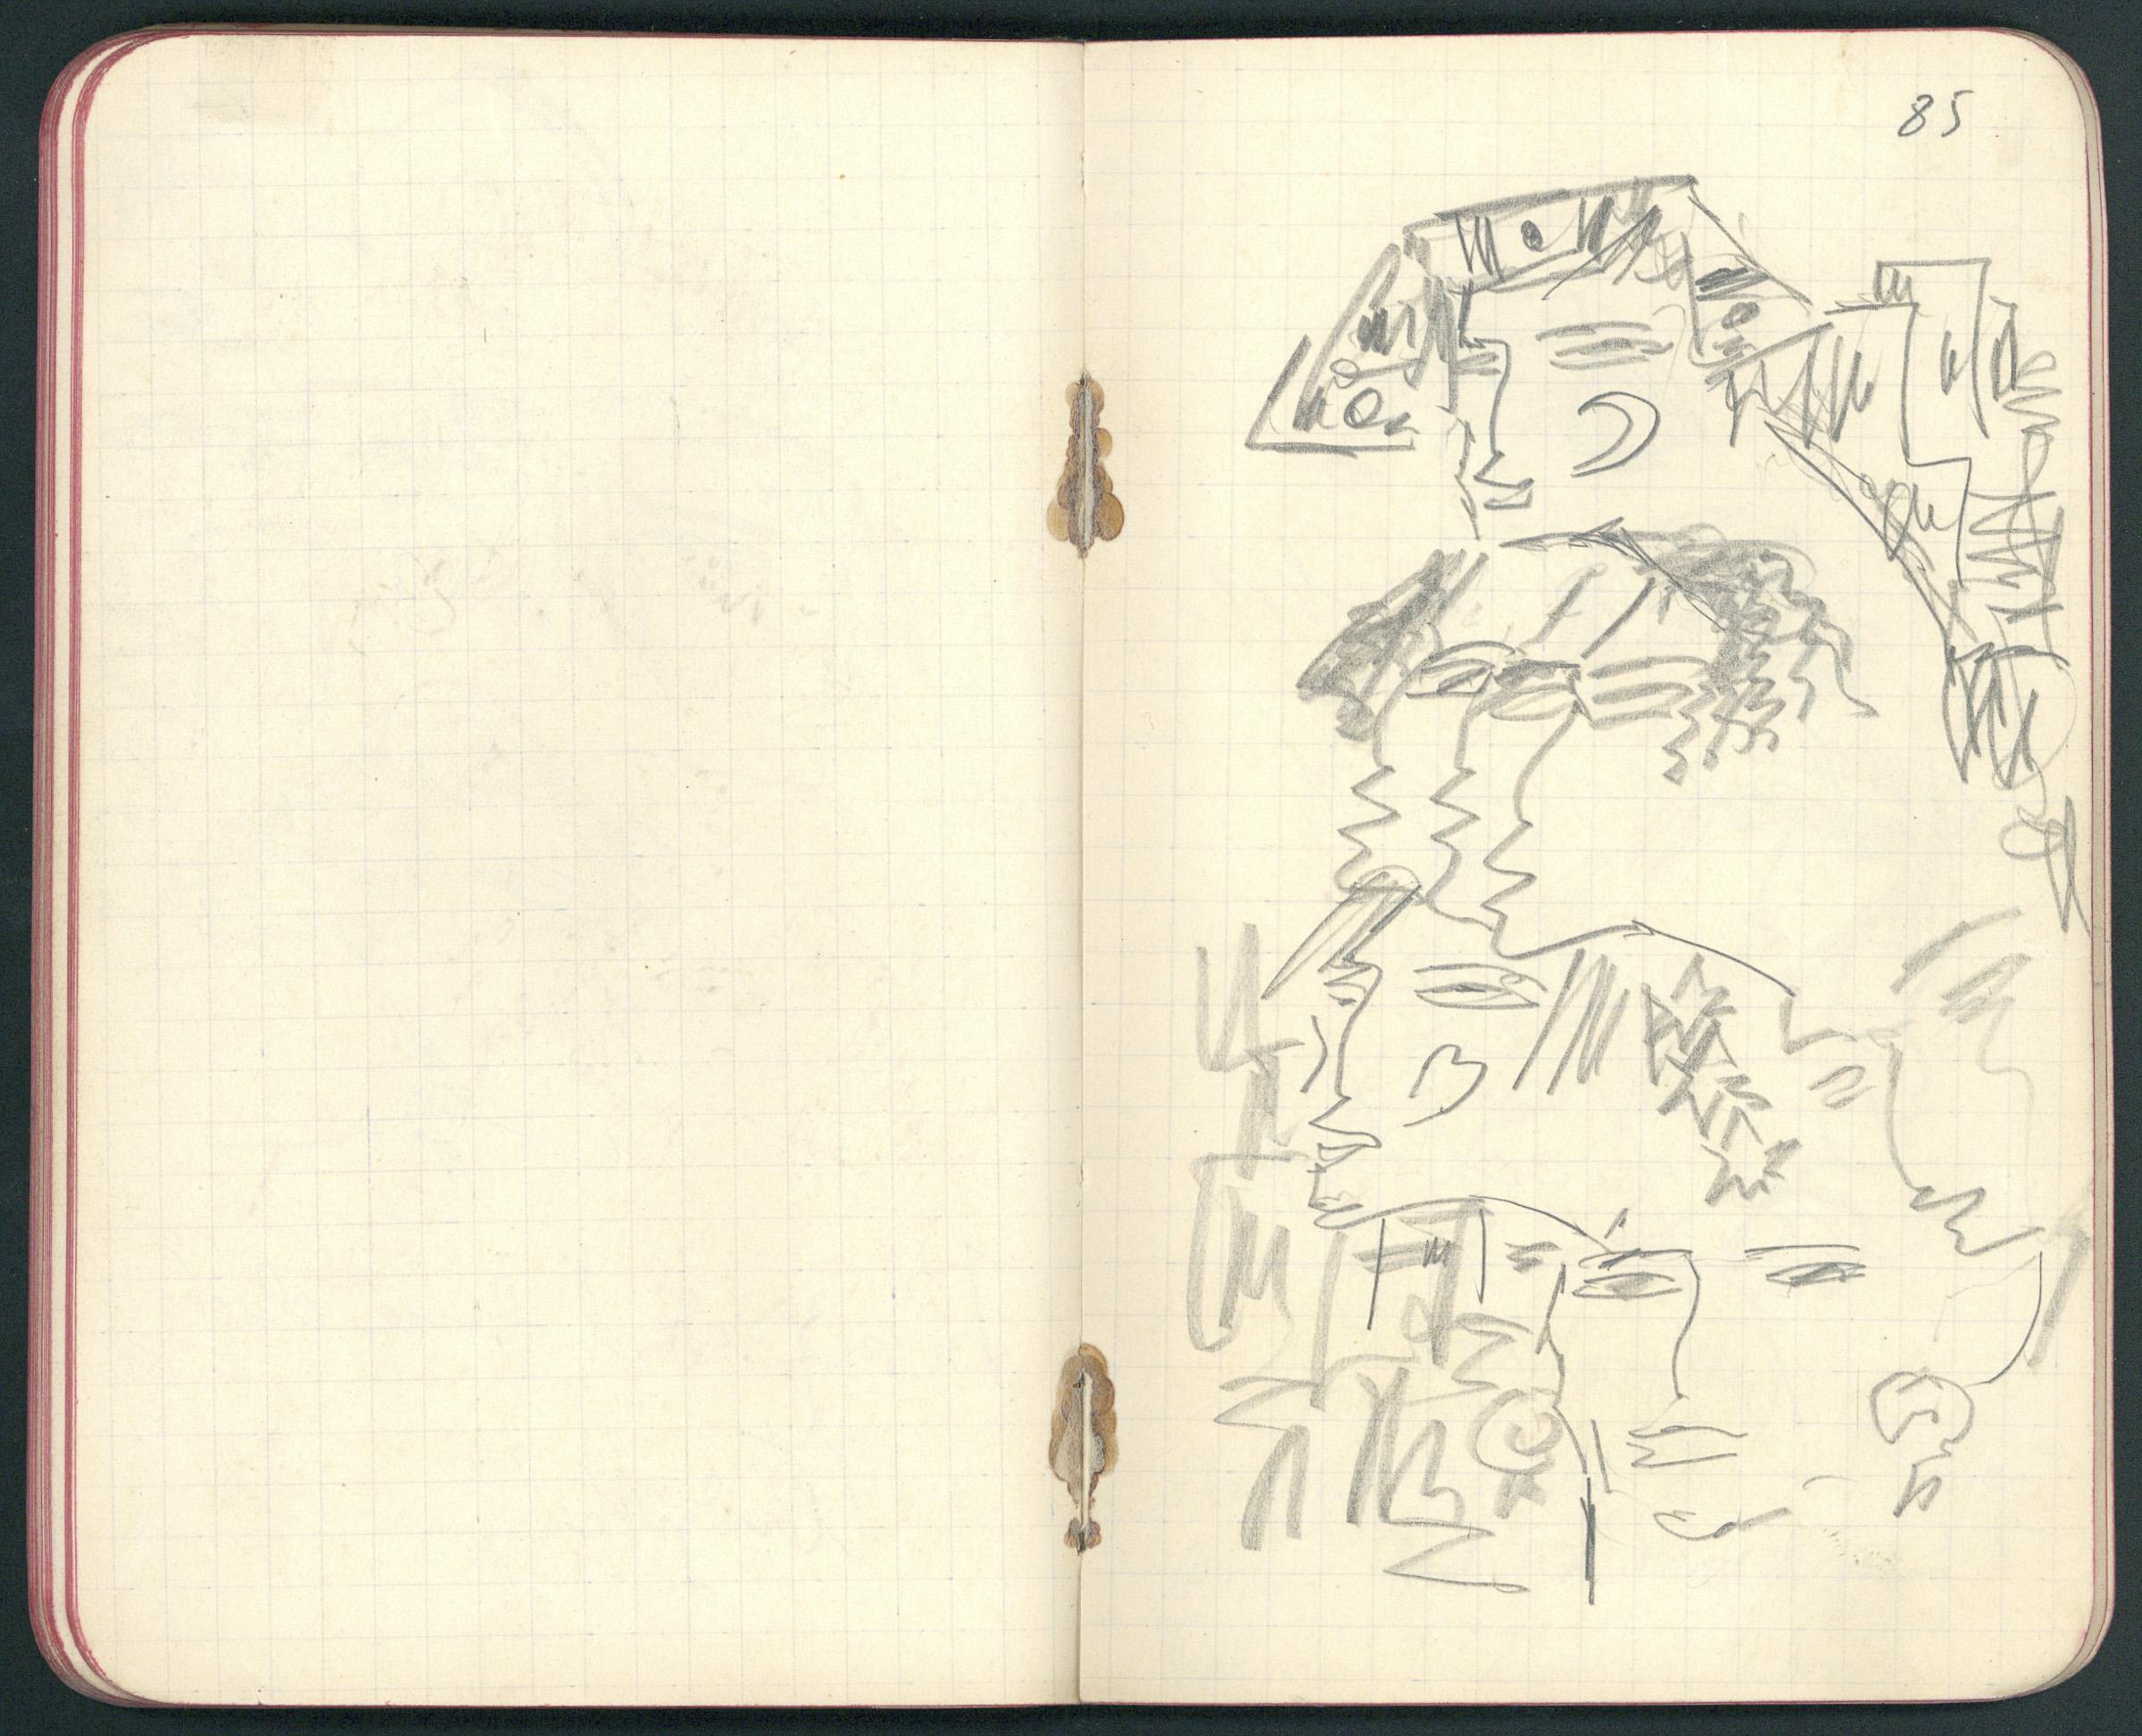 Drawings in Albert Ehrenstein's Notebook